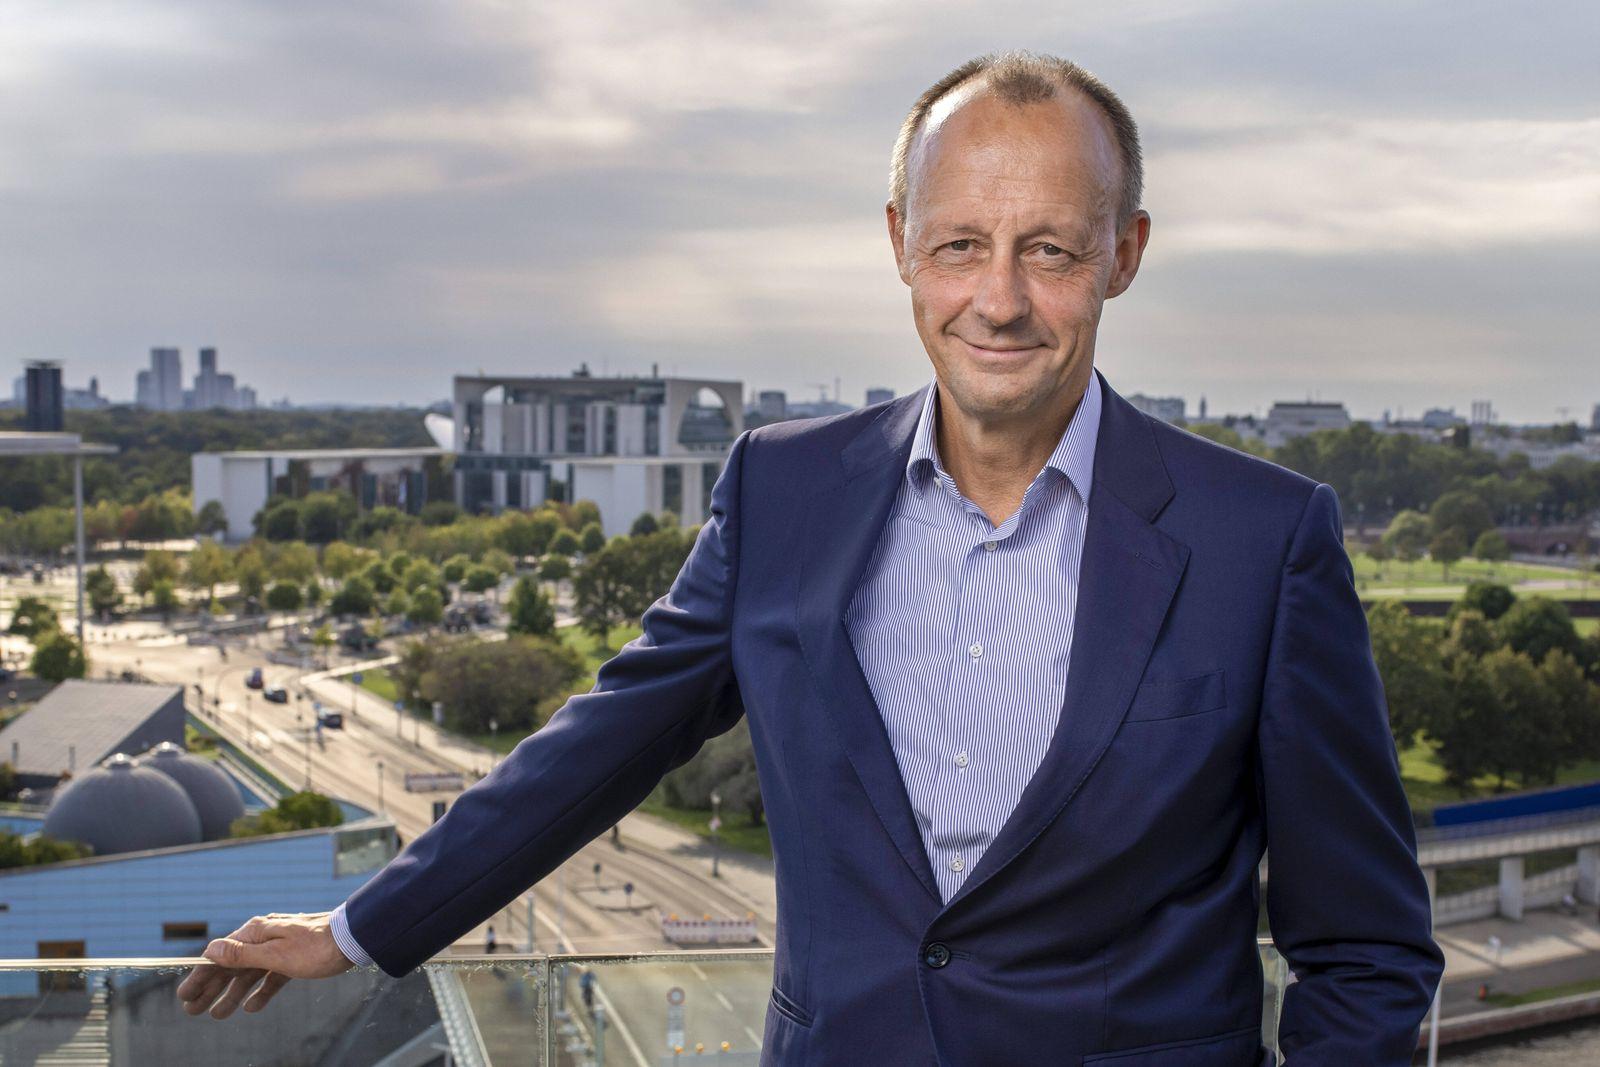 Friedrich Merz, CDU, Kandidat fuer das Amt des CDU Parteivorsitzes, mit Blick auf das Bundeskanzleramt. Berlin 16.09.20